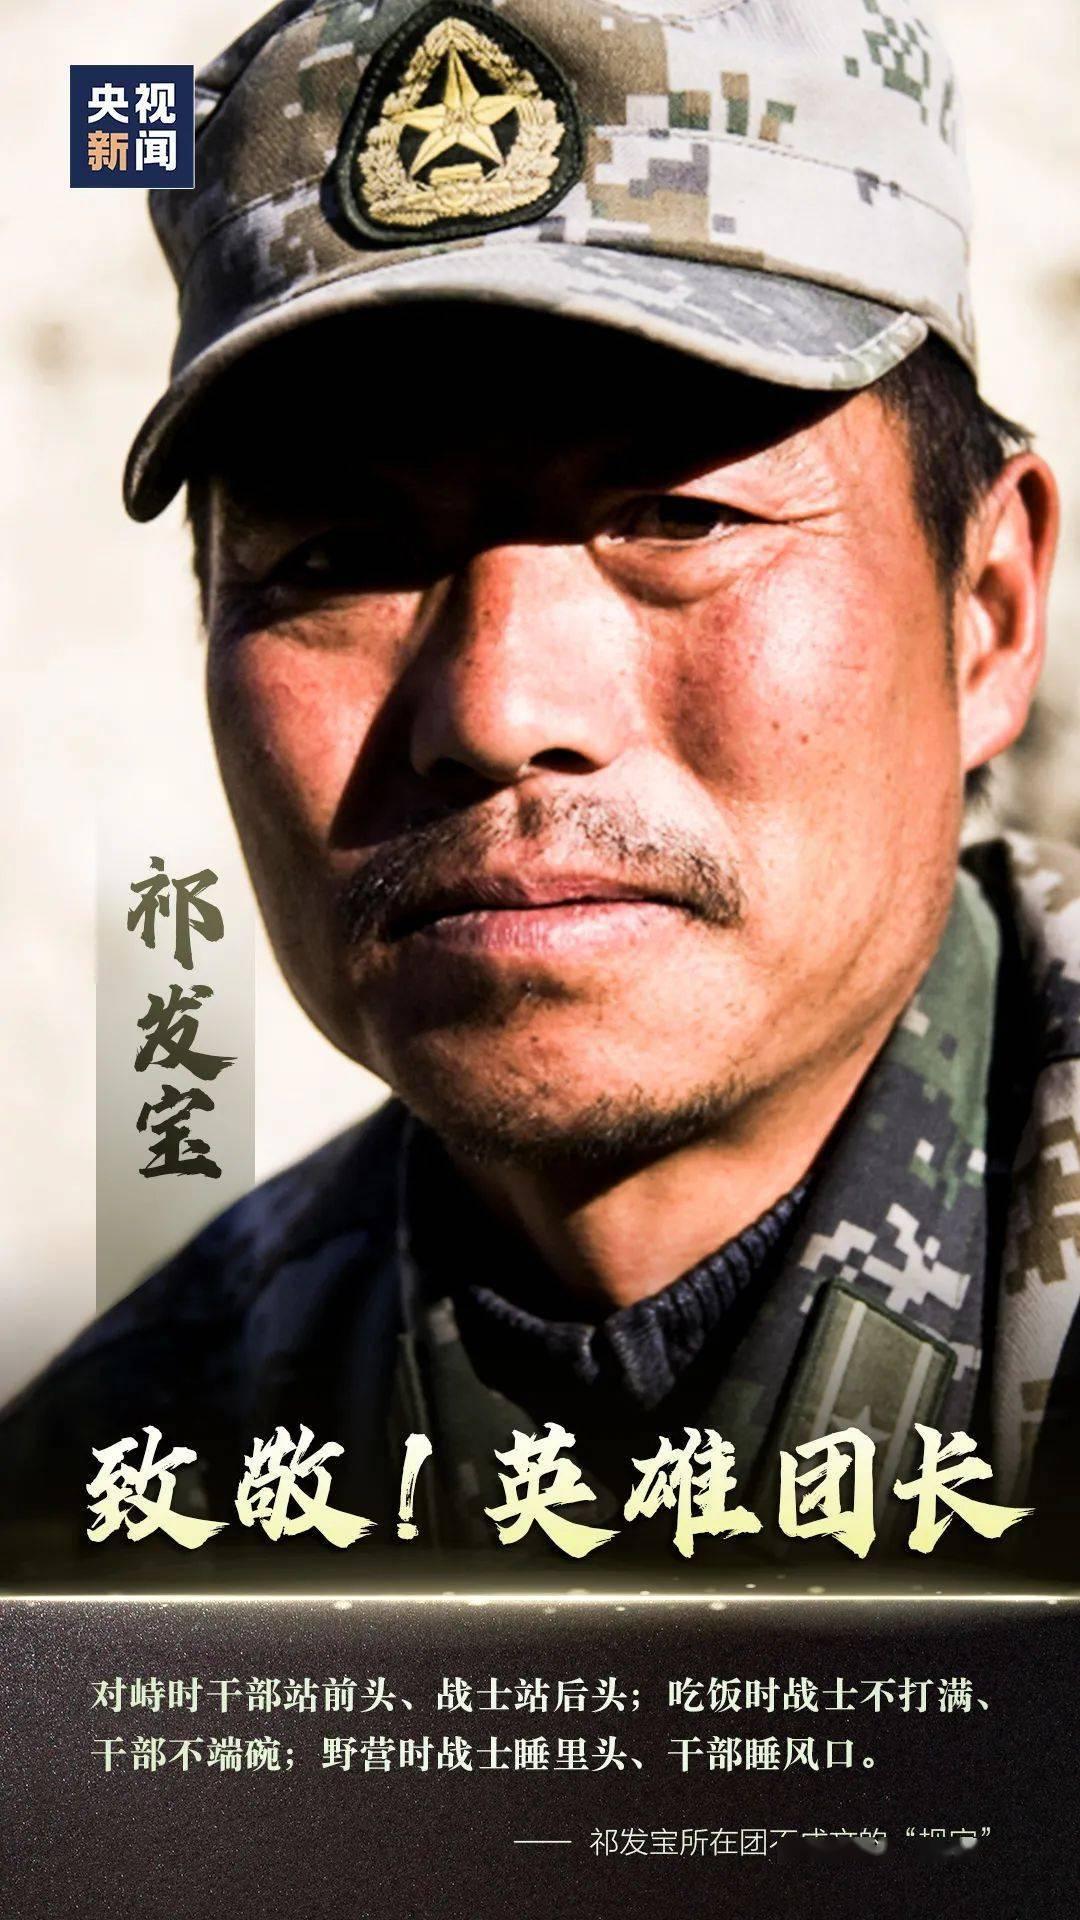 英雄团长祁发宝,好消息!